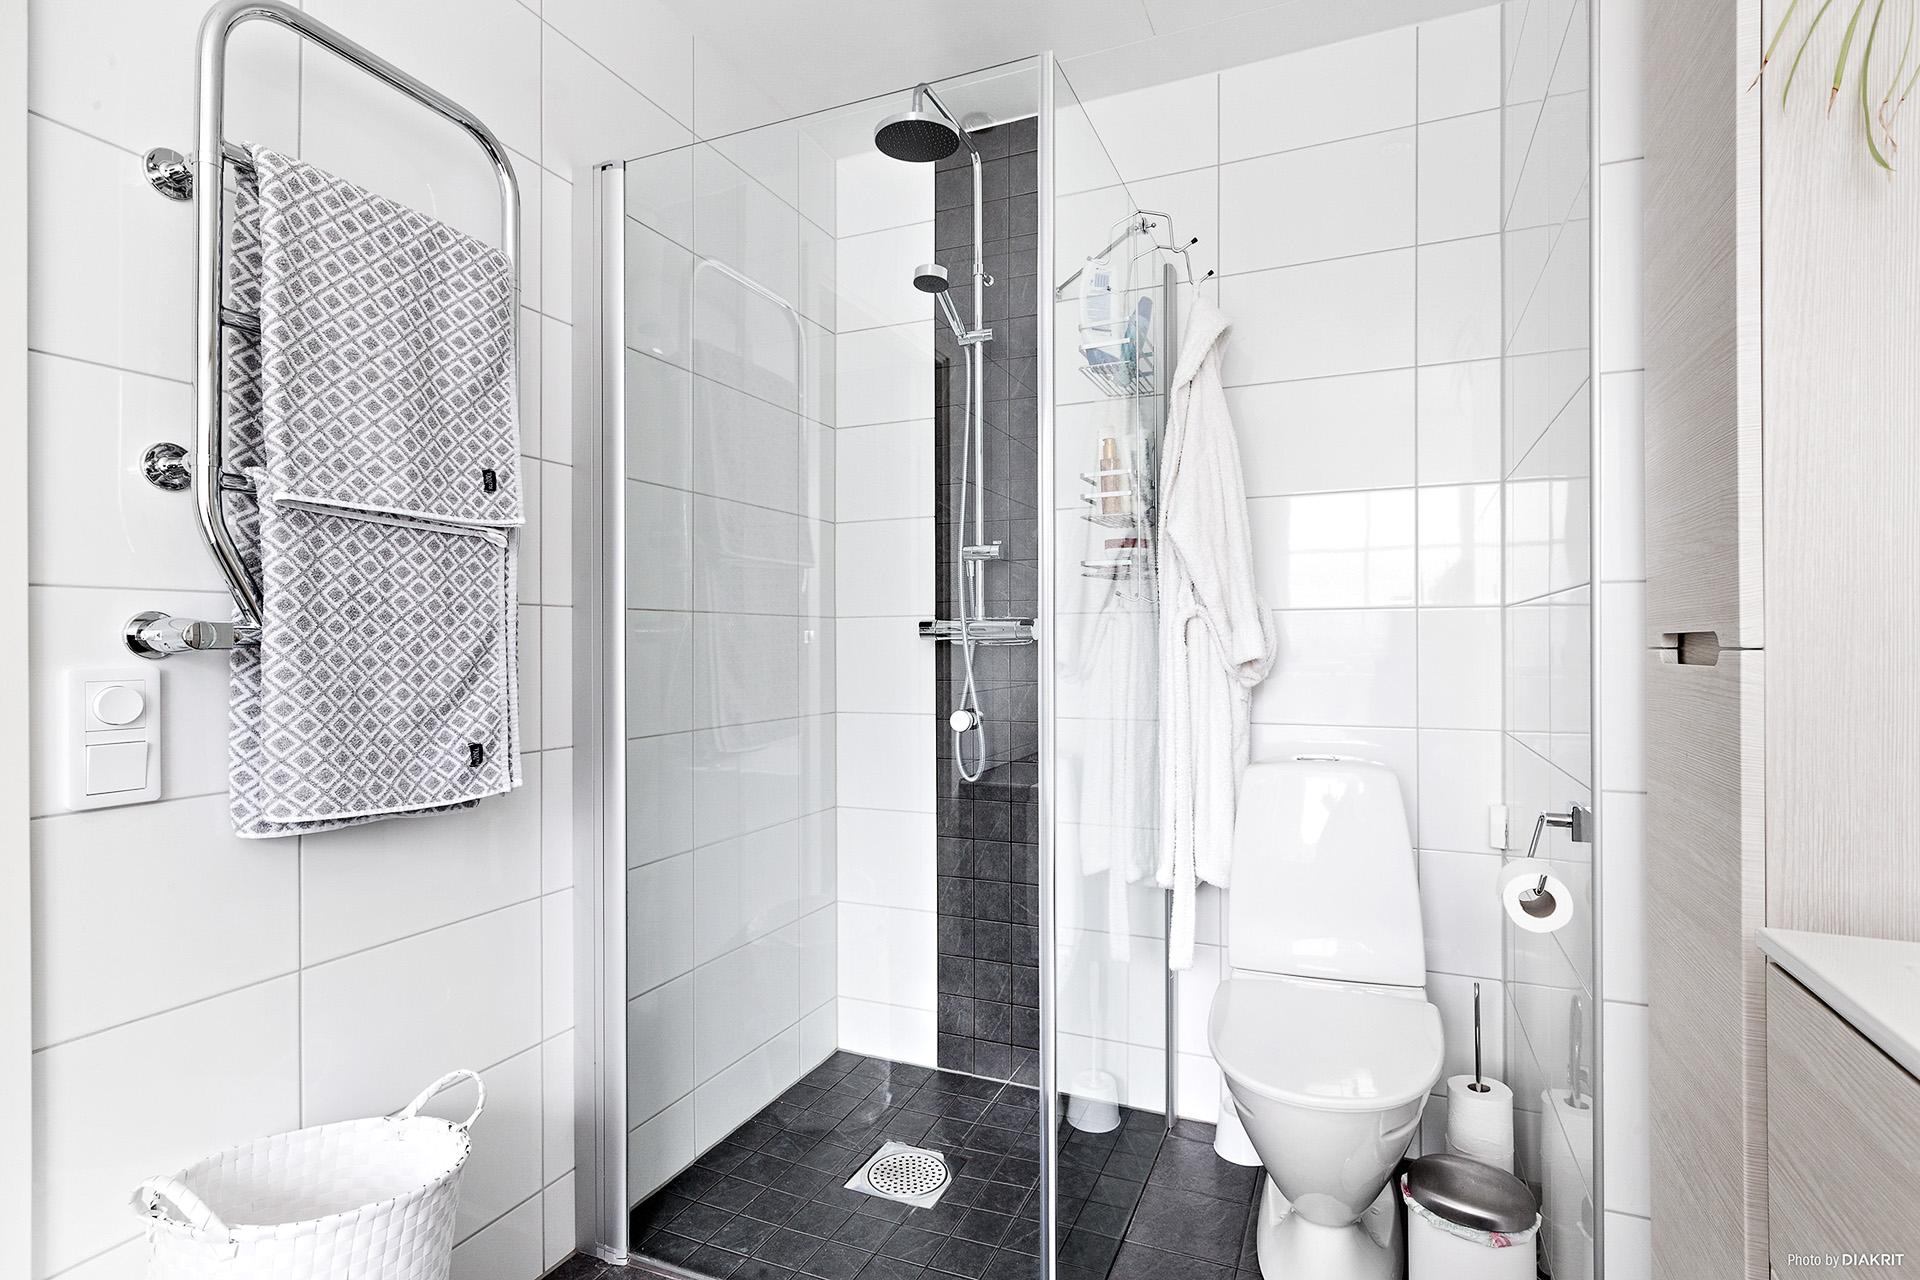 Toalett/bad/dusch